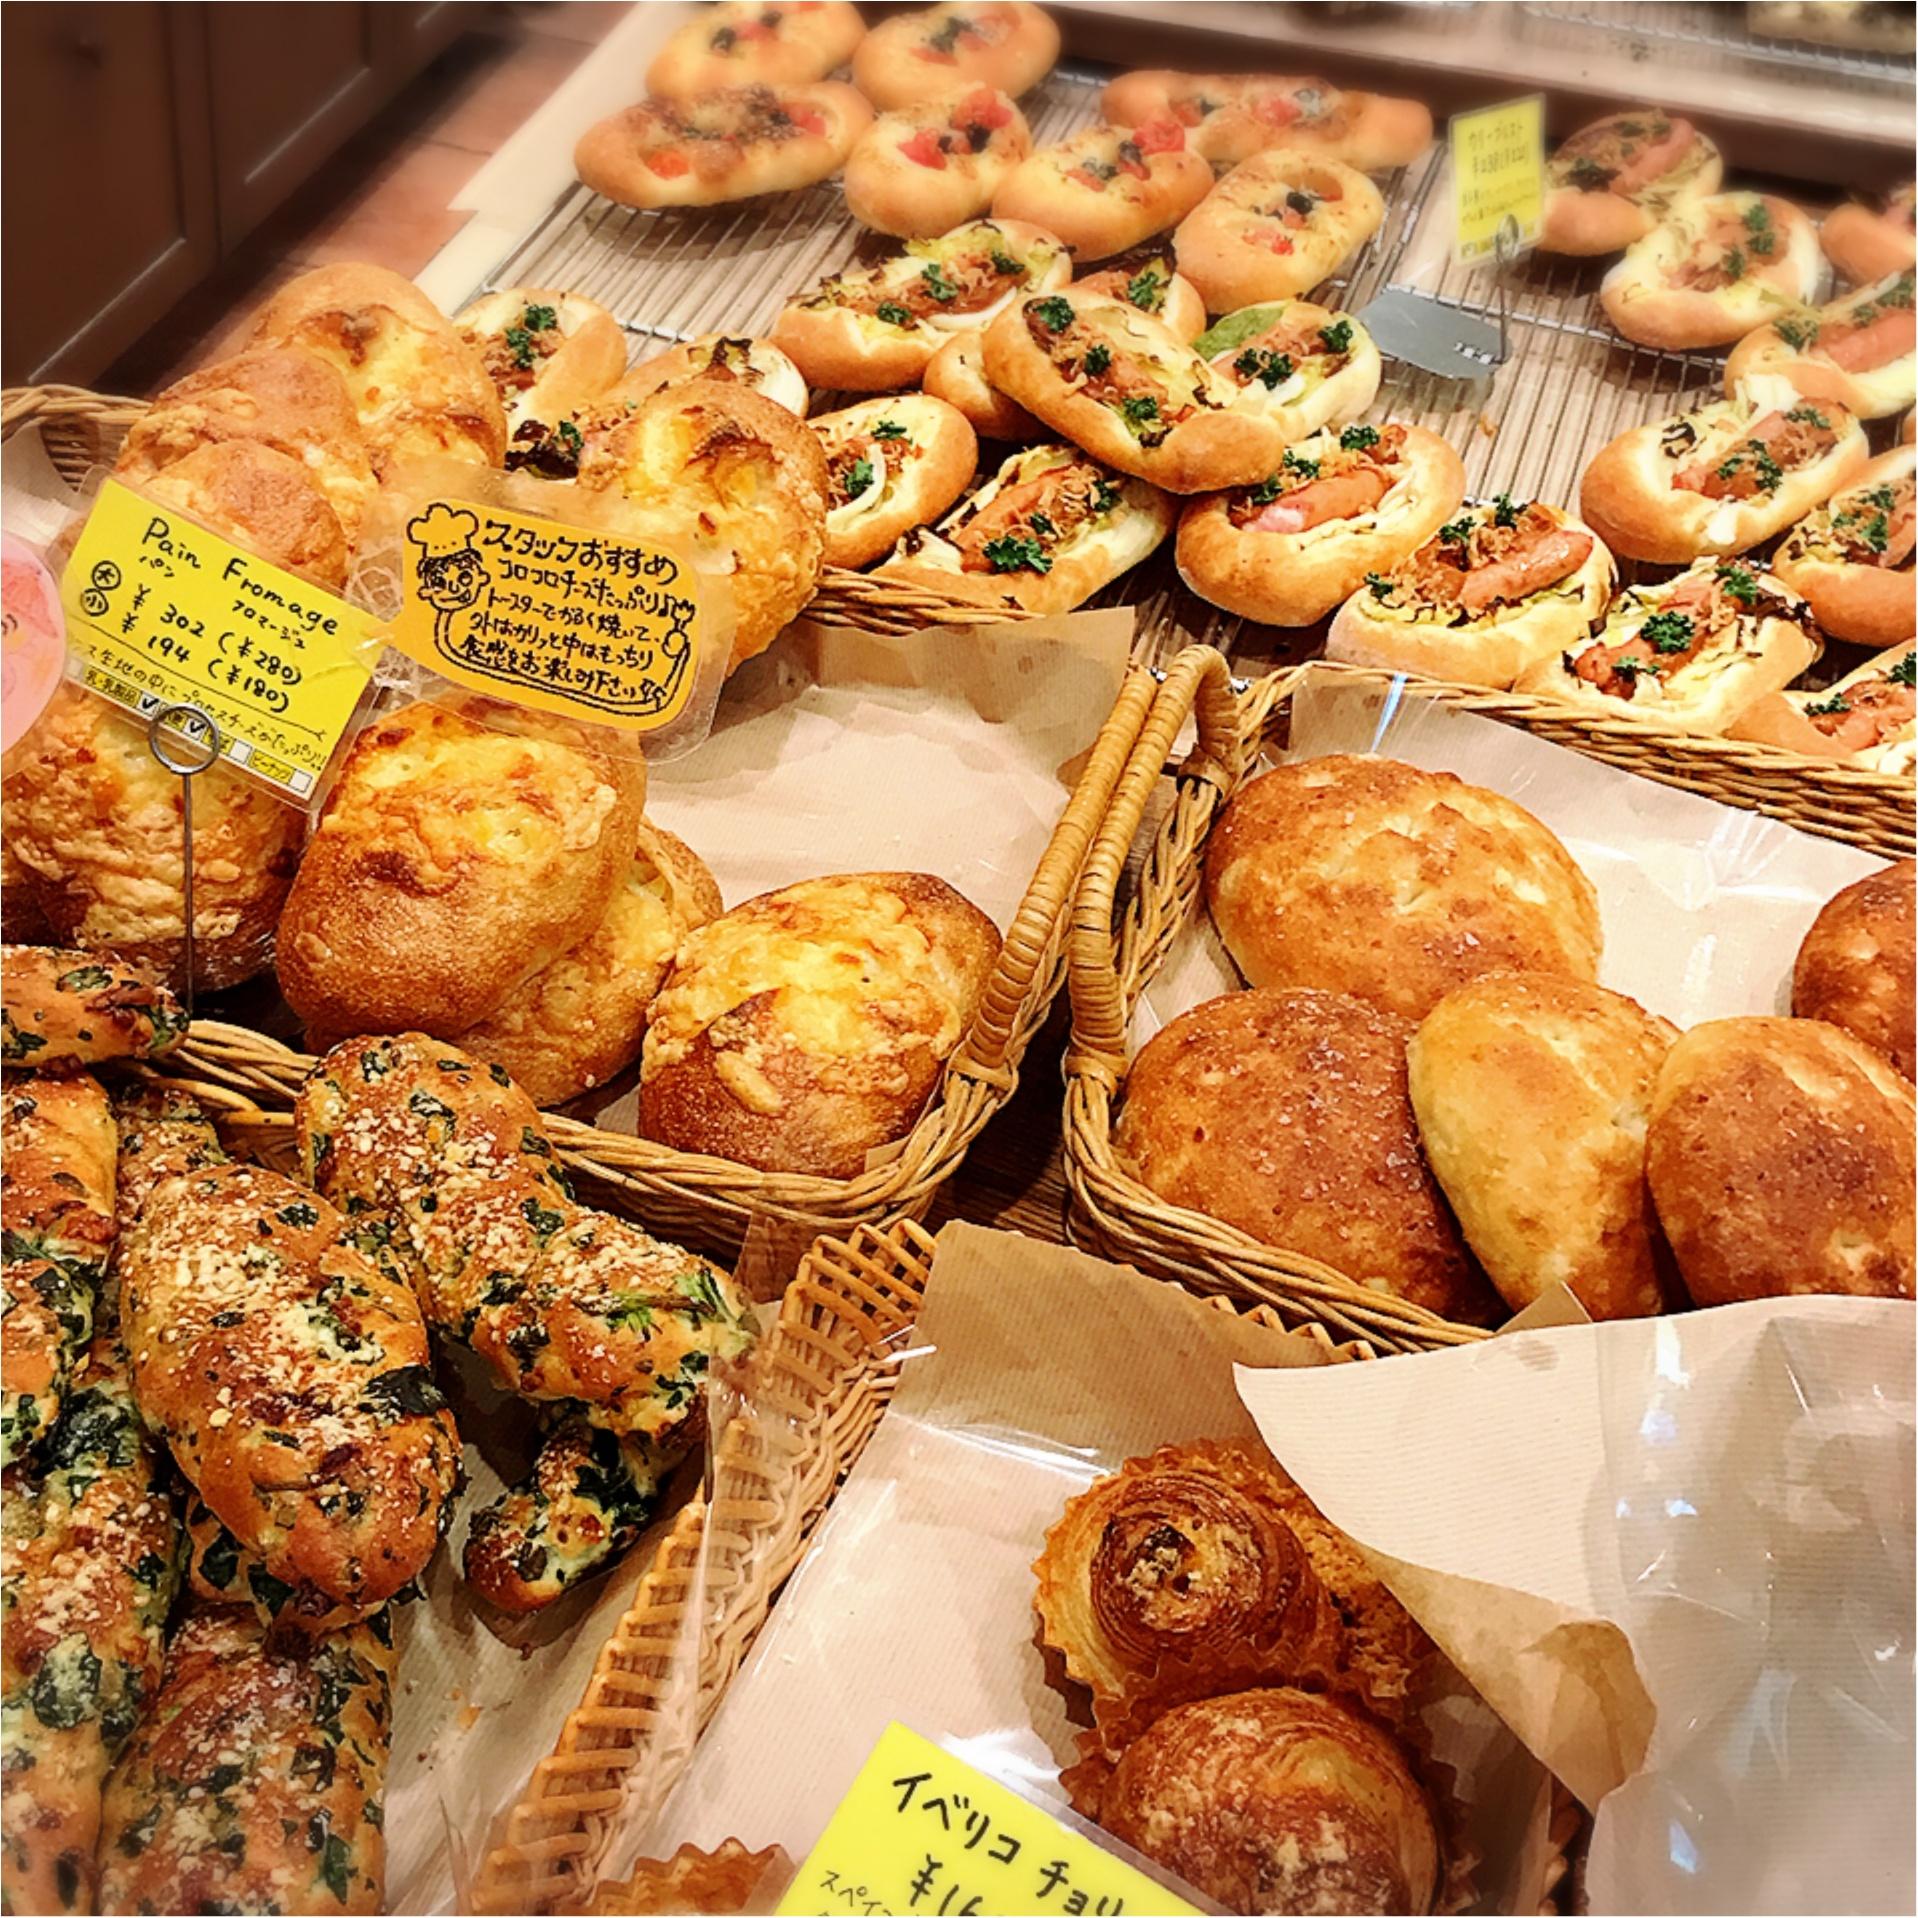 ★おさえるべきはココ!パン屋さん激戦区神戸。ほとんどのガイドブックにも載っている『コム・シノワ』は納得の美味しさ★_3